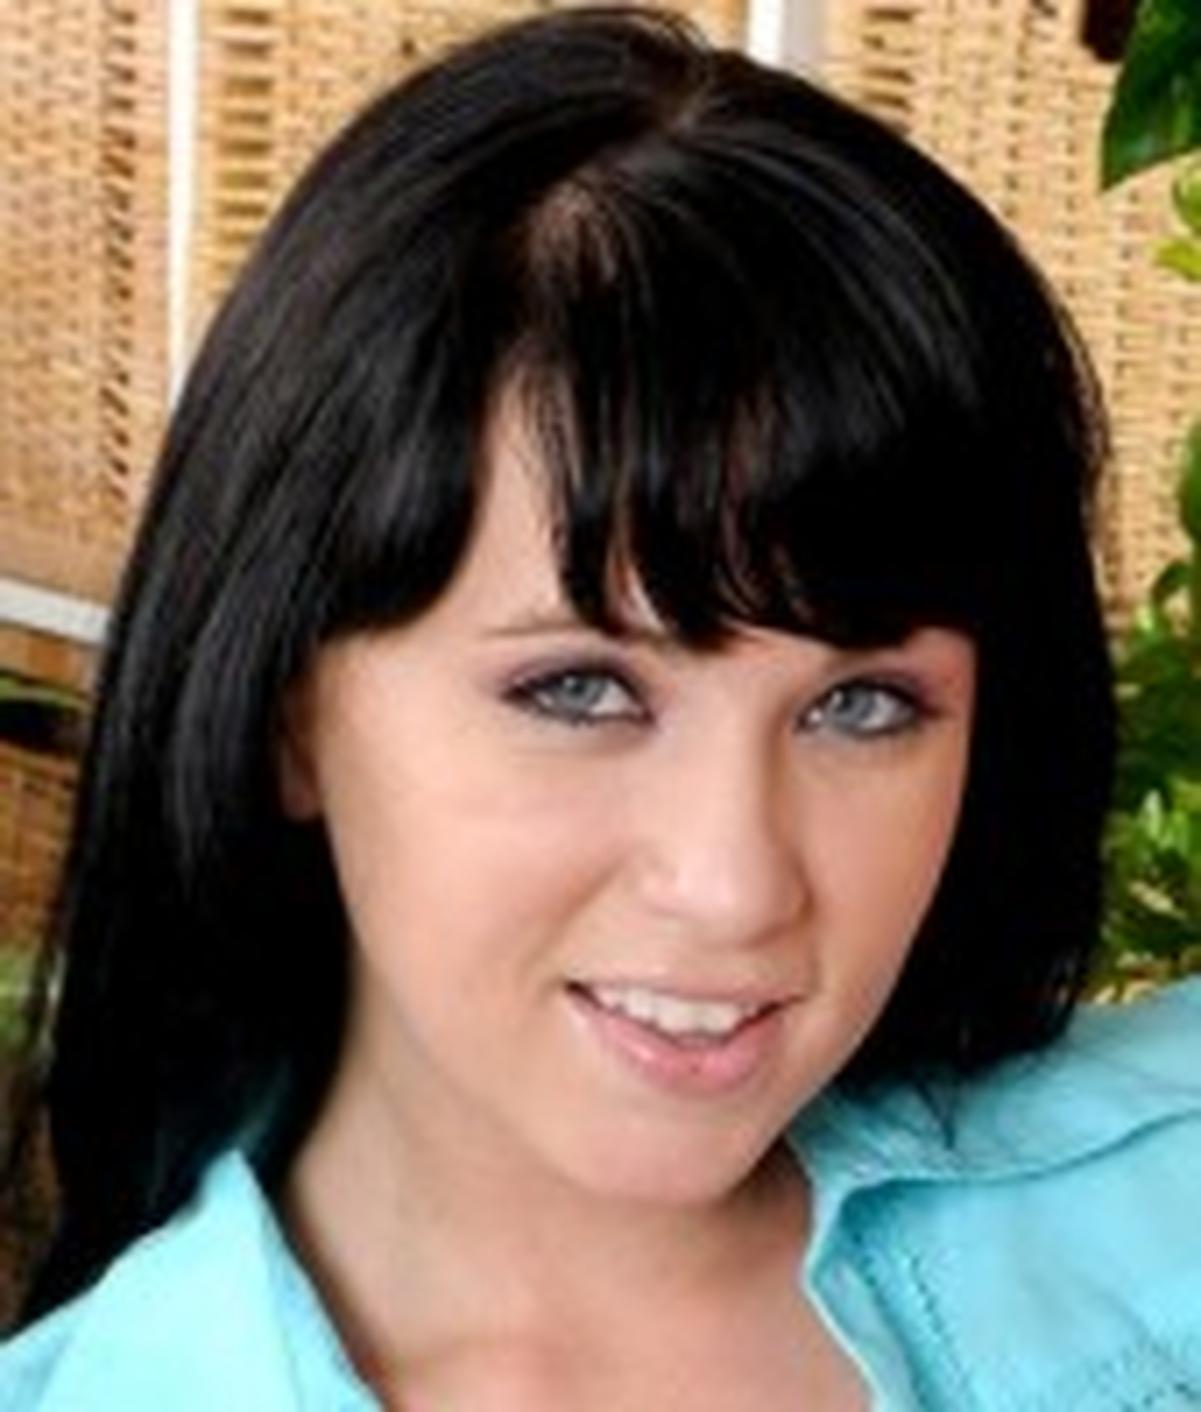 Chloe J. wiki, Chloe J. bio, Chloe J. news